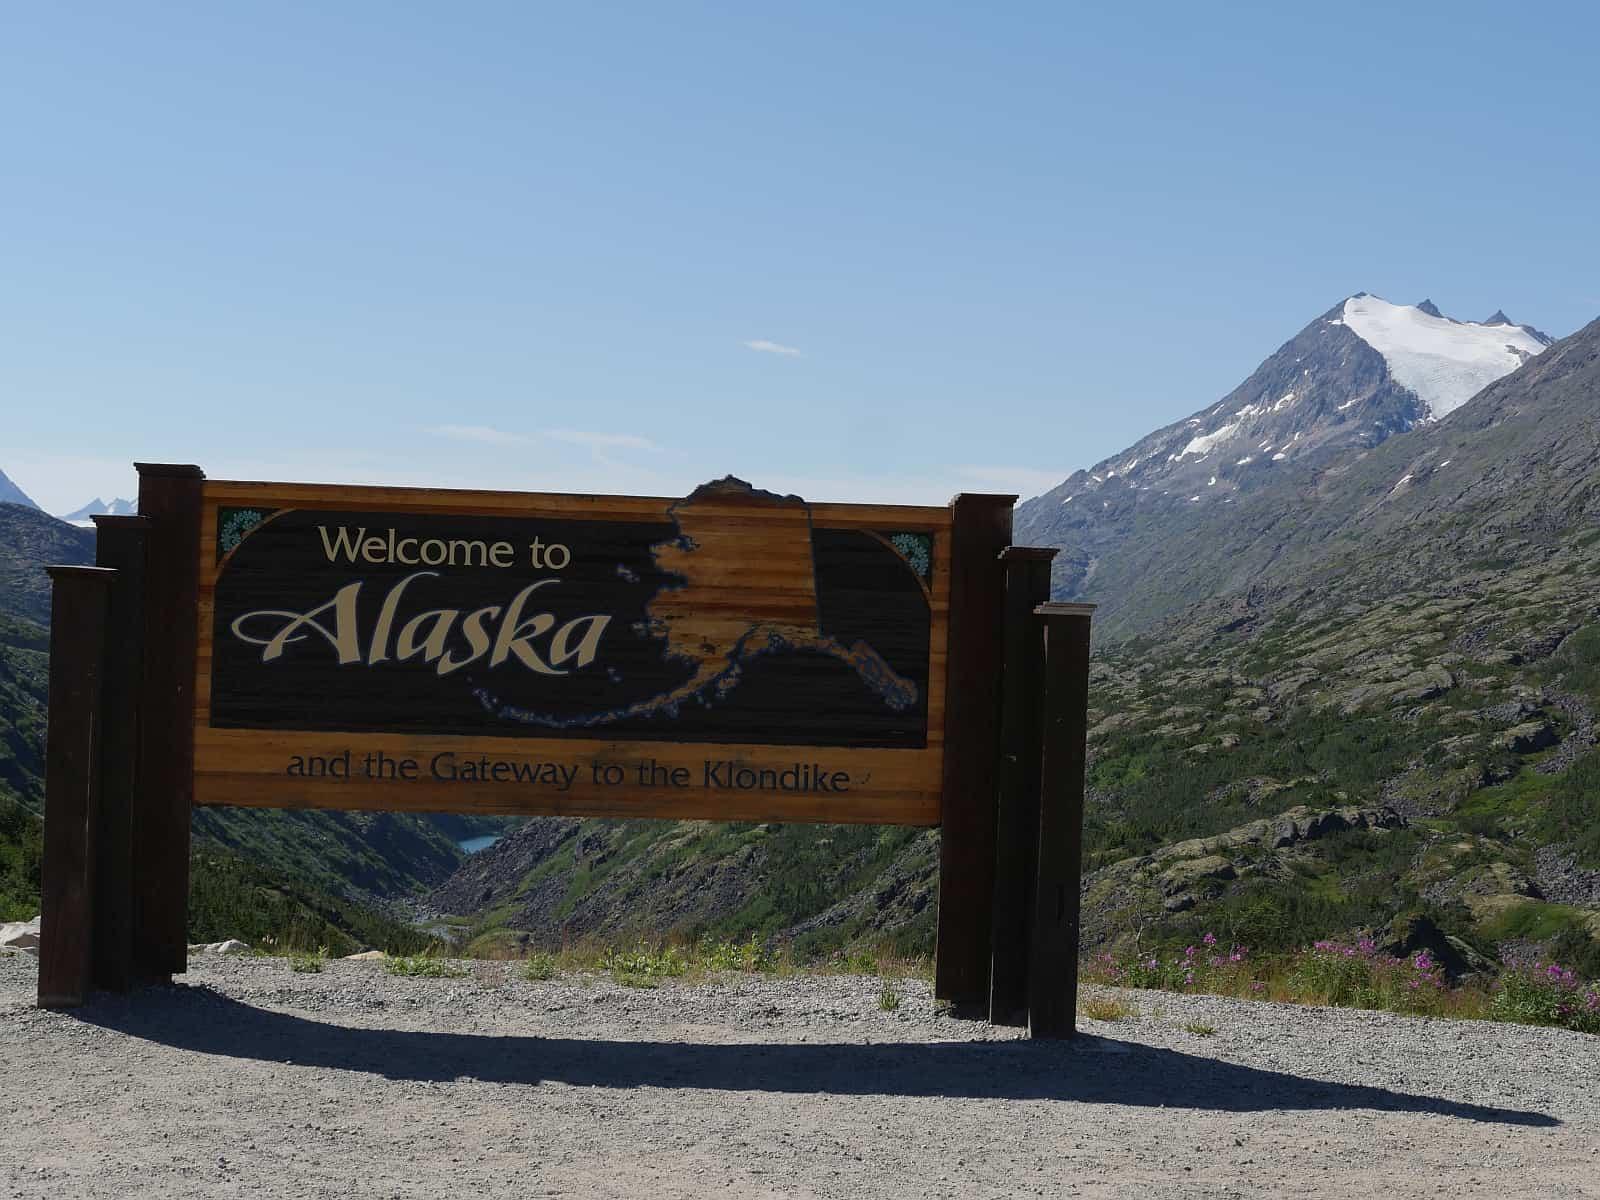 In Alaska unterwegs, auf dem Weg nach Skagway. Foto Alfred Pradel